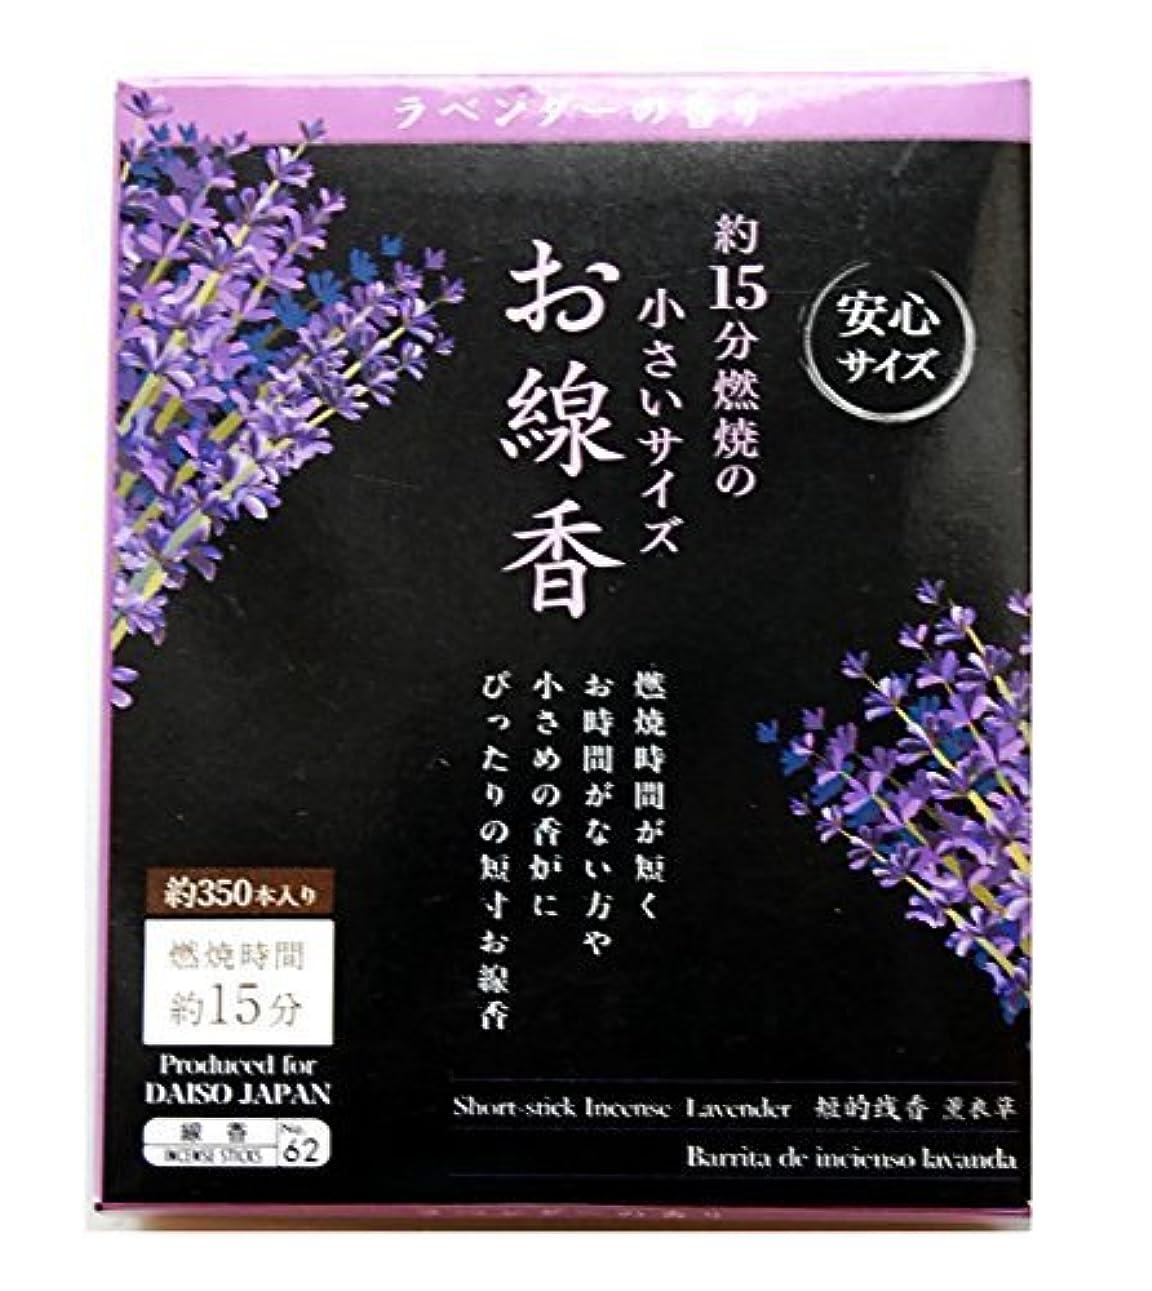 ドラフト代わりにを立てるタッチDaiso Senko Japaneseお香ラベンダーショートスティック9 cm-15min / 350 sticks